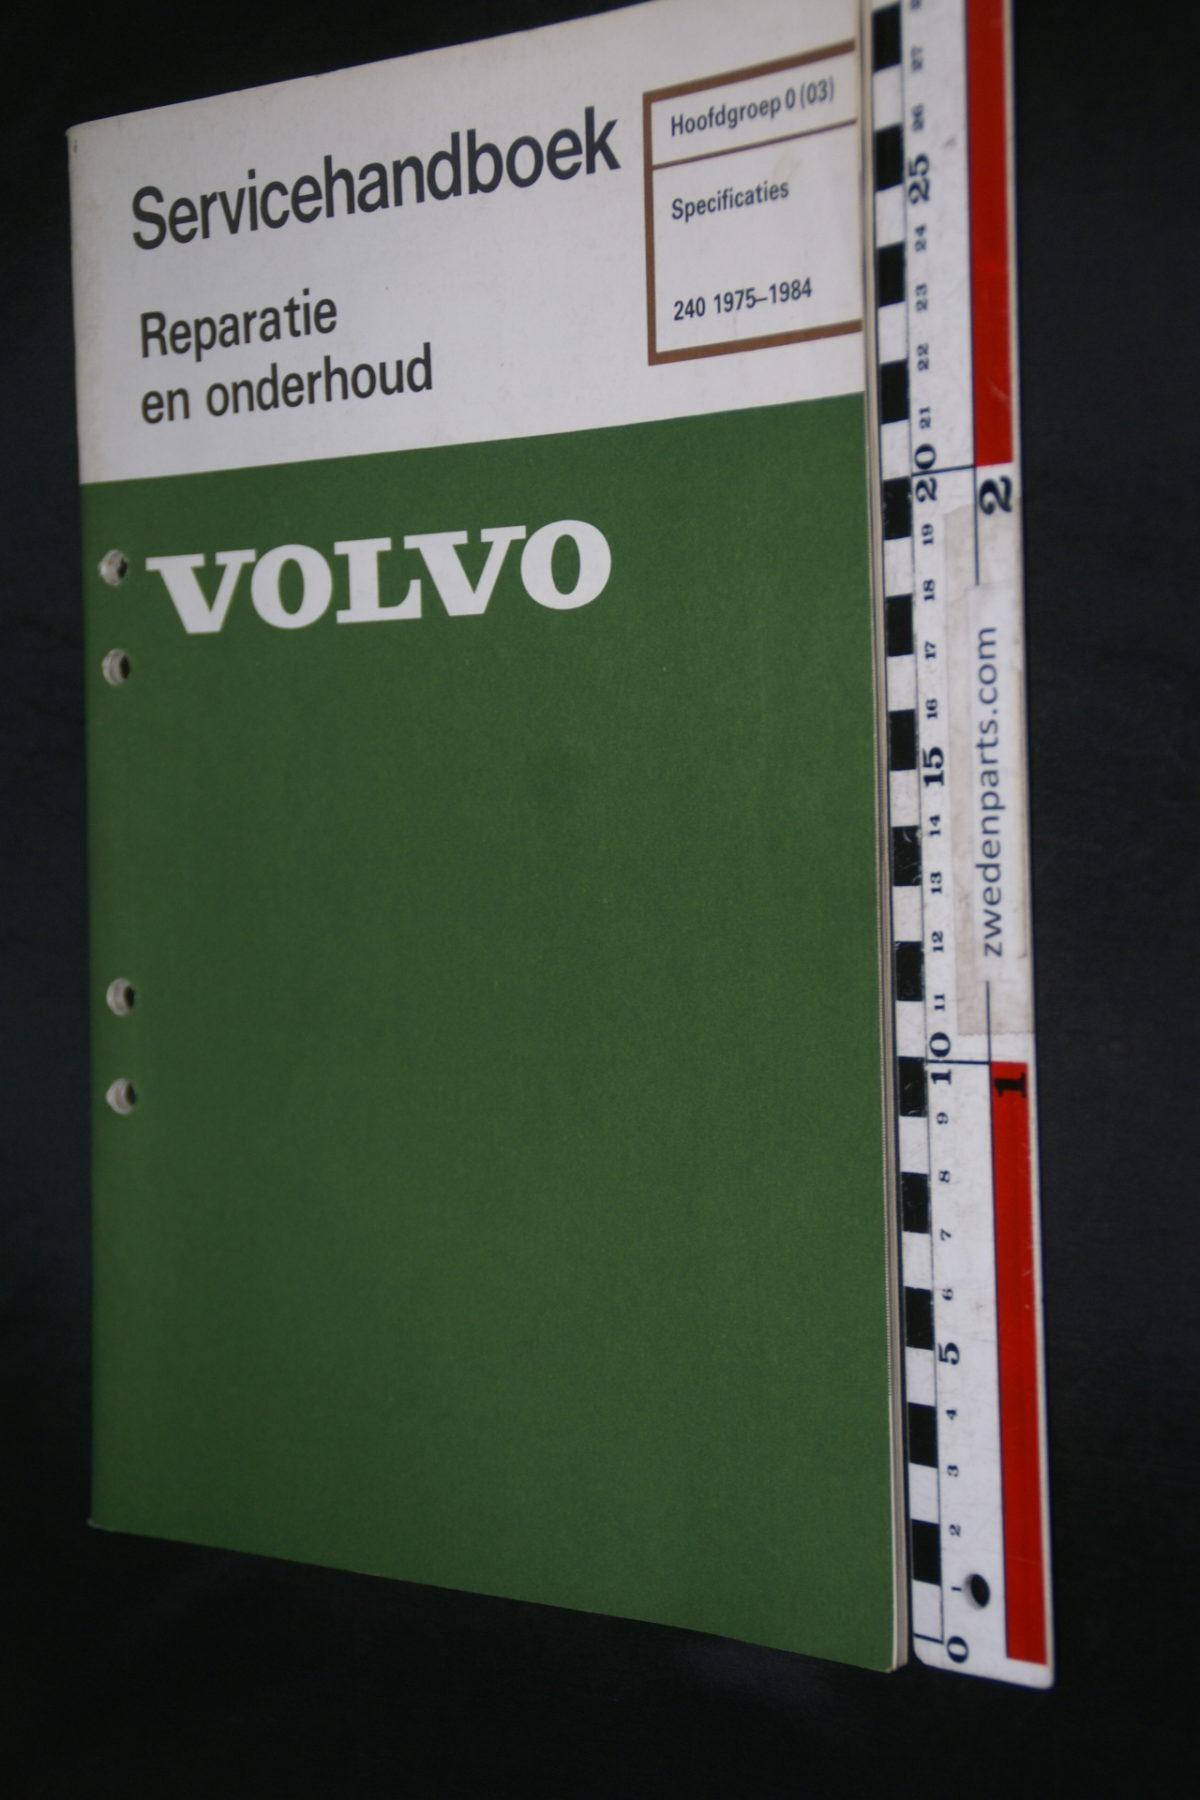 DSC08499 1983 origineel Volvo 240 servicehandboek  0 (03) specificaties 1 van 600 TP 30181-5